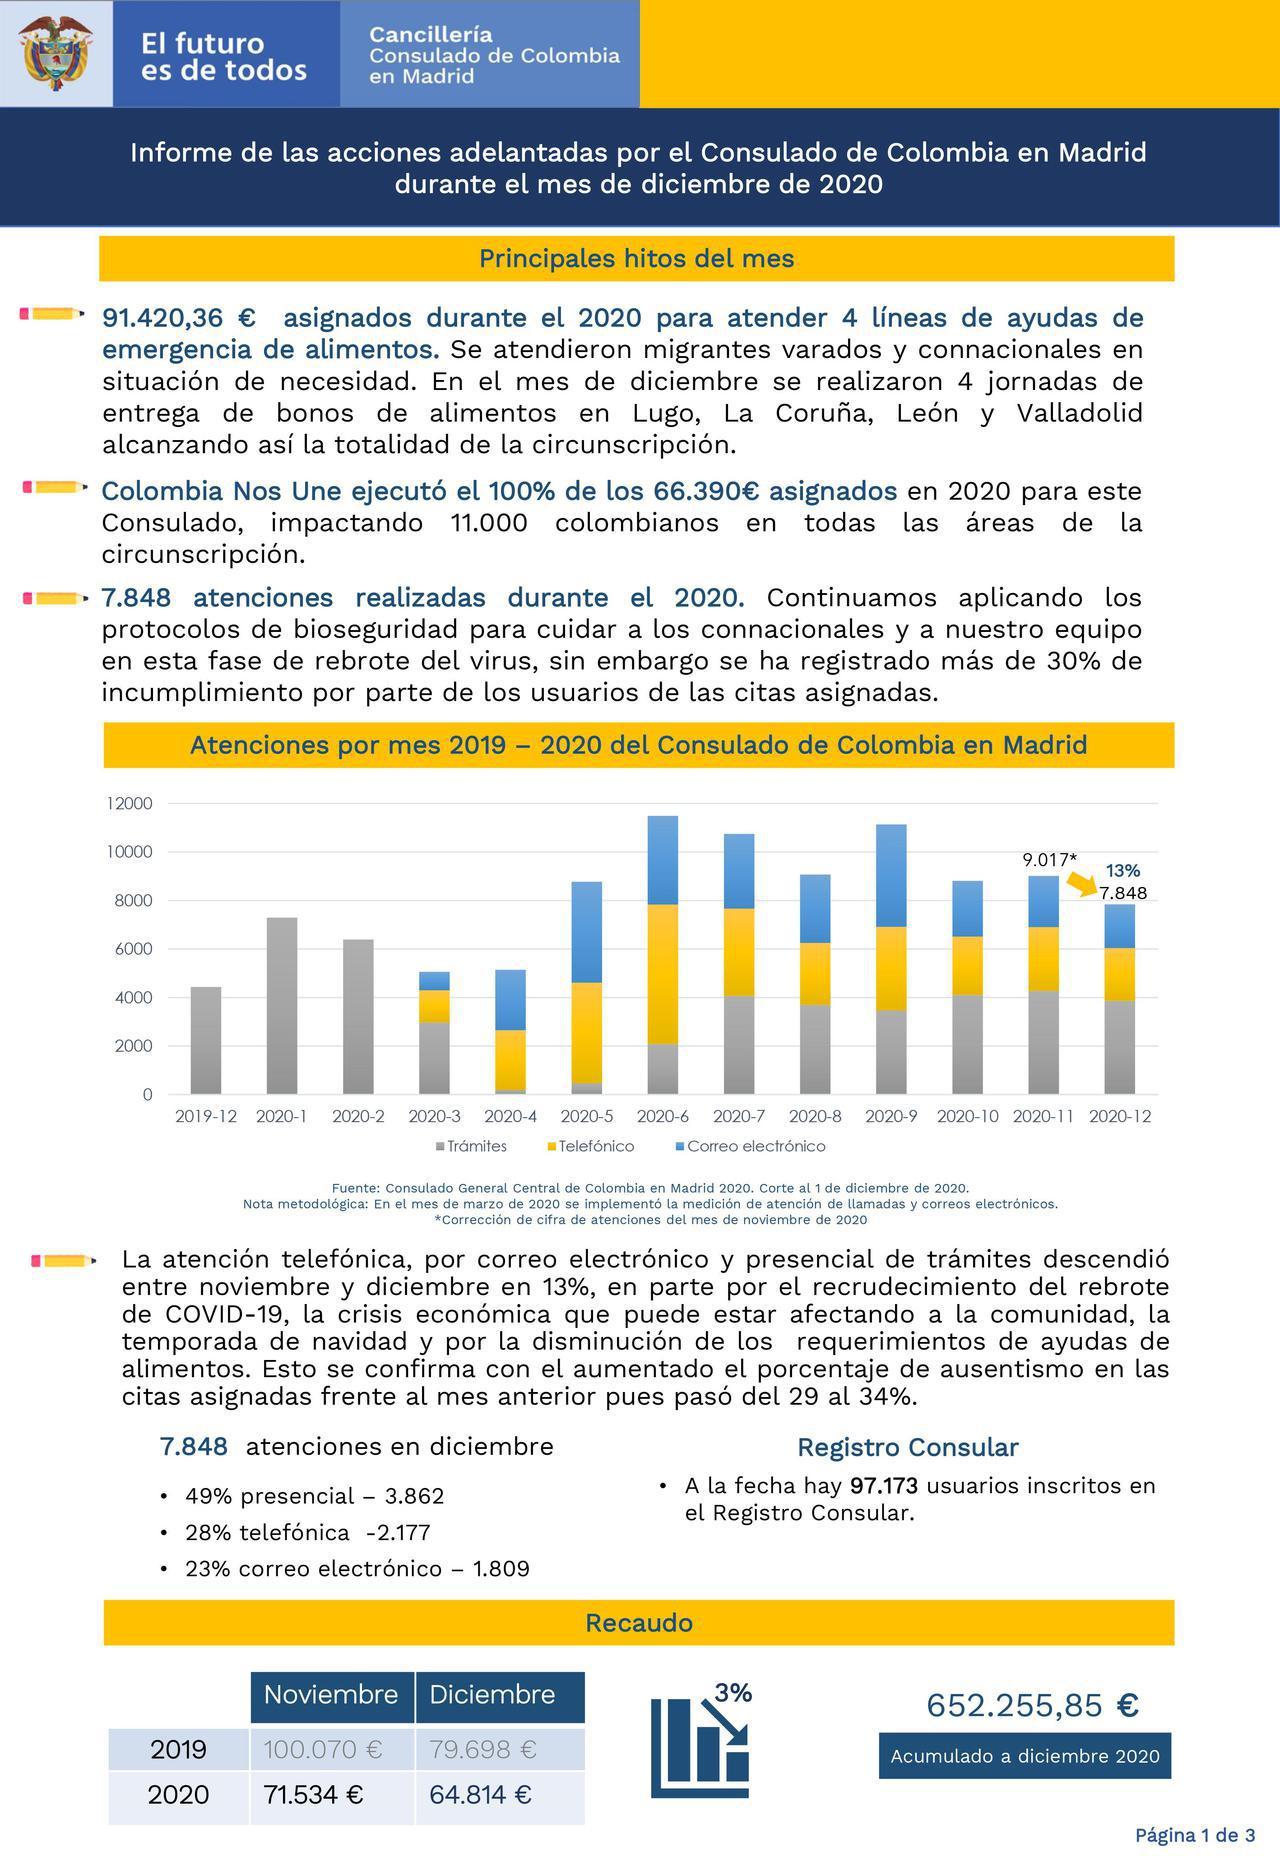 Informe de Gestión Consulado de Colombia en Madrid